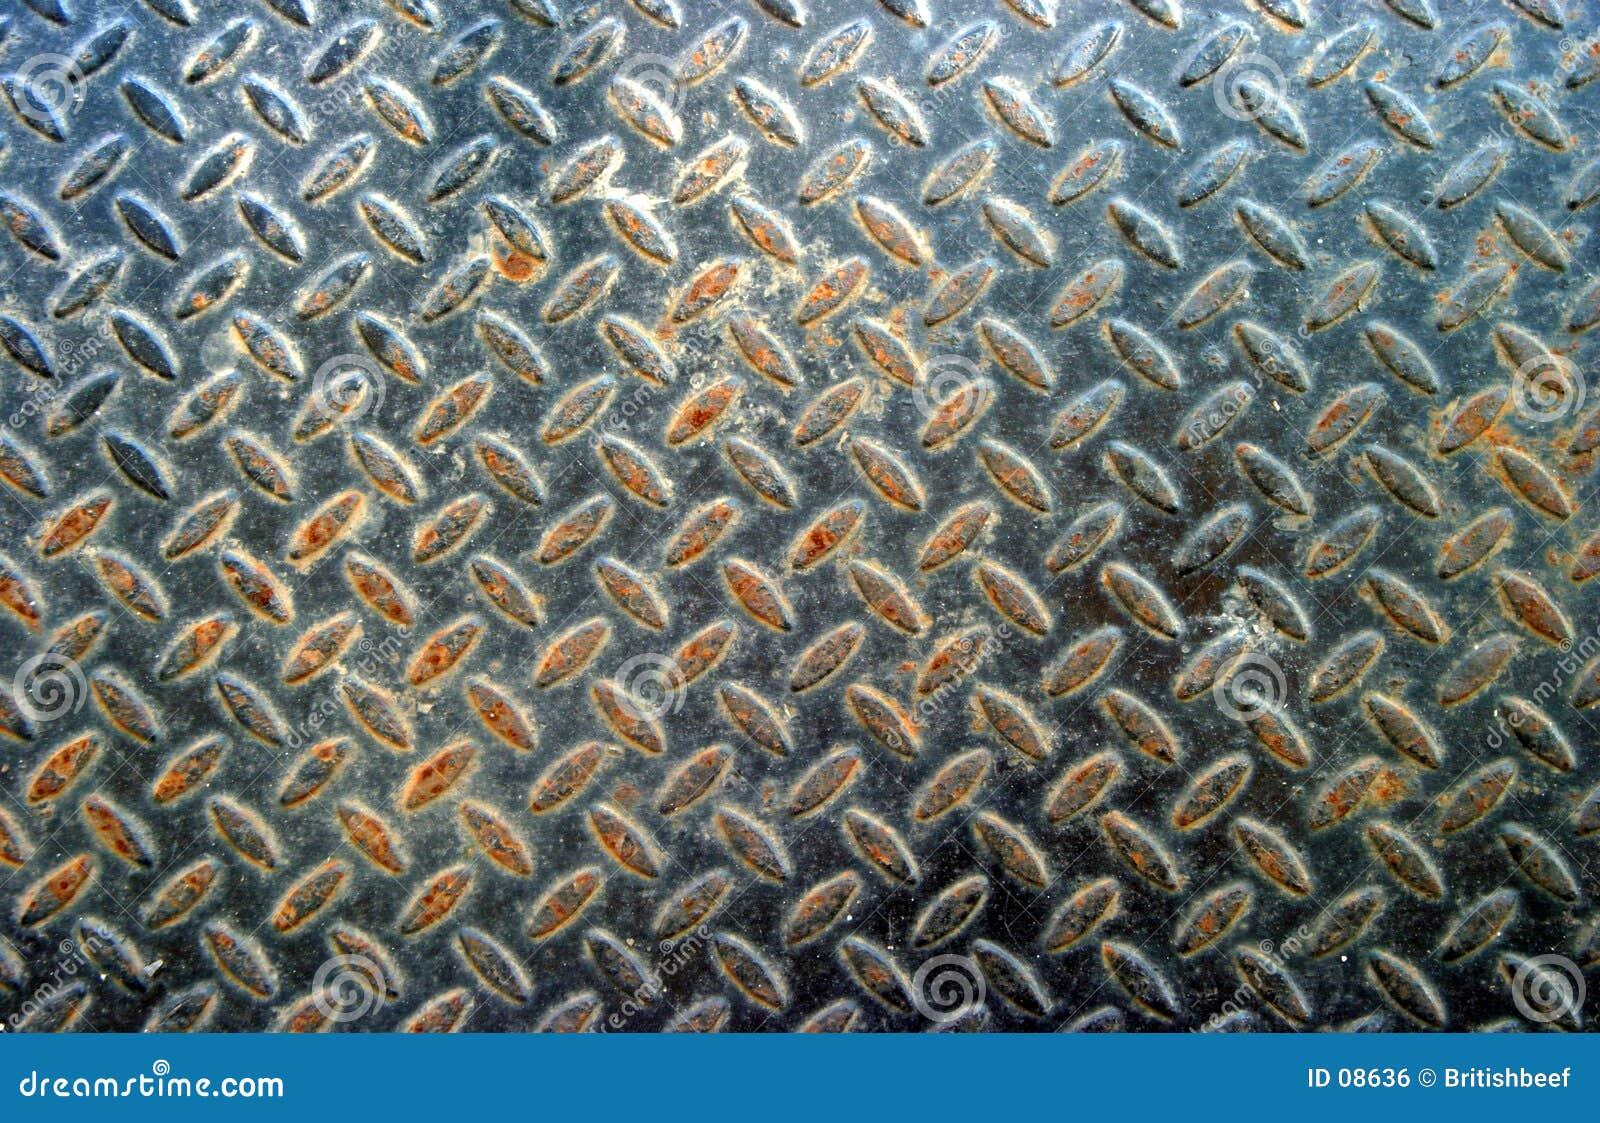 Metal flooring